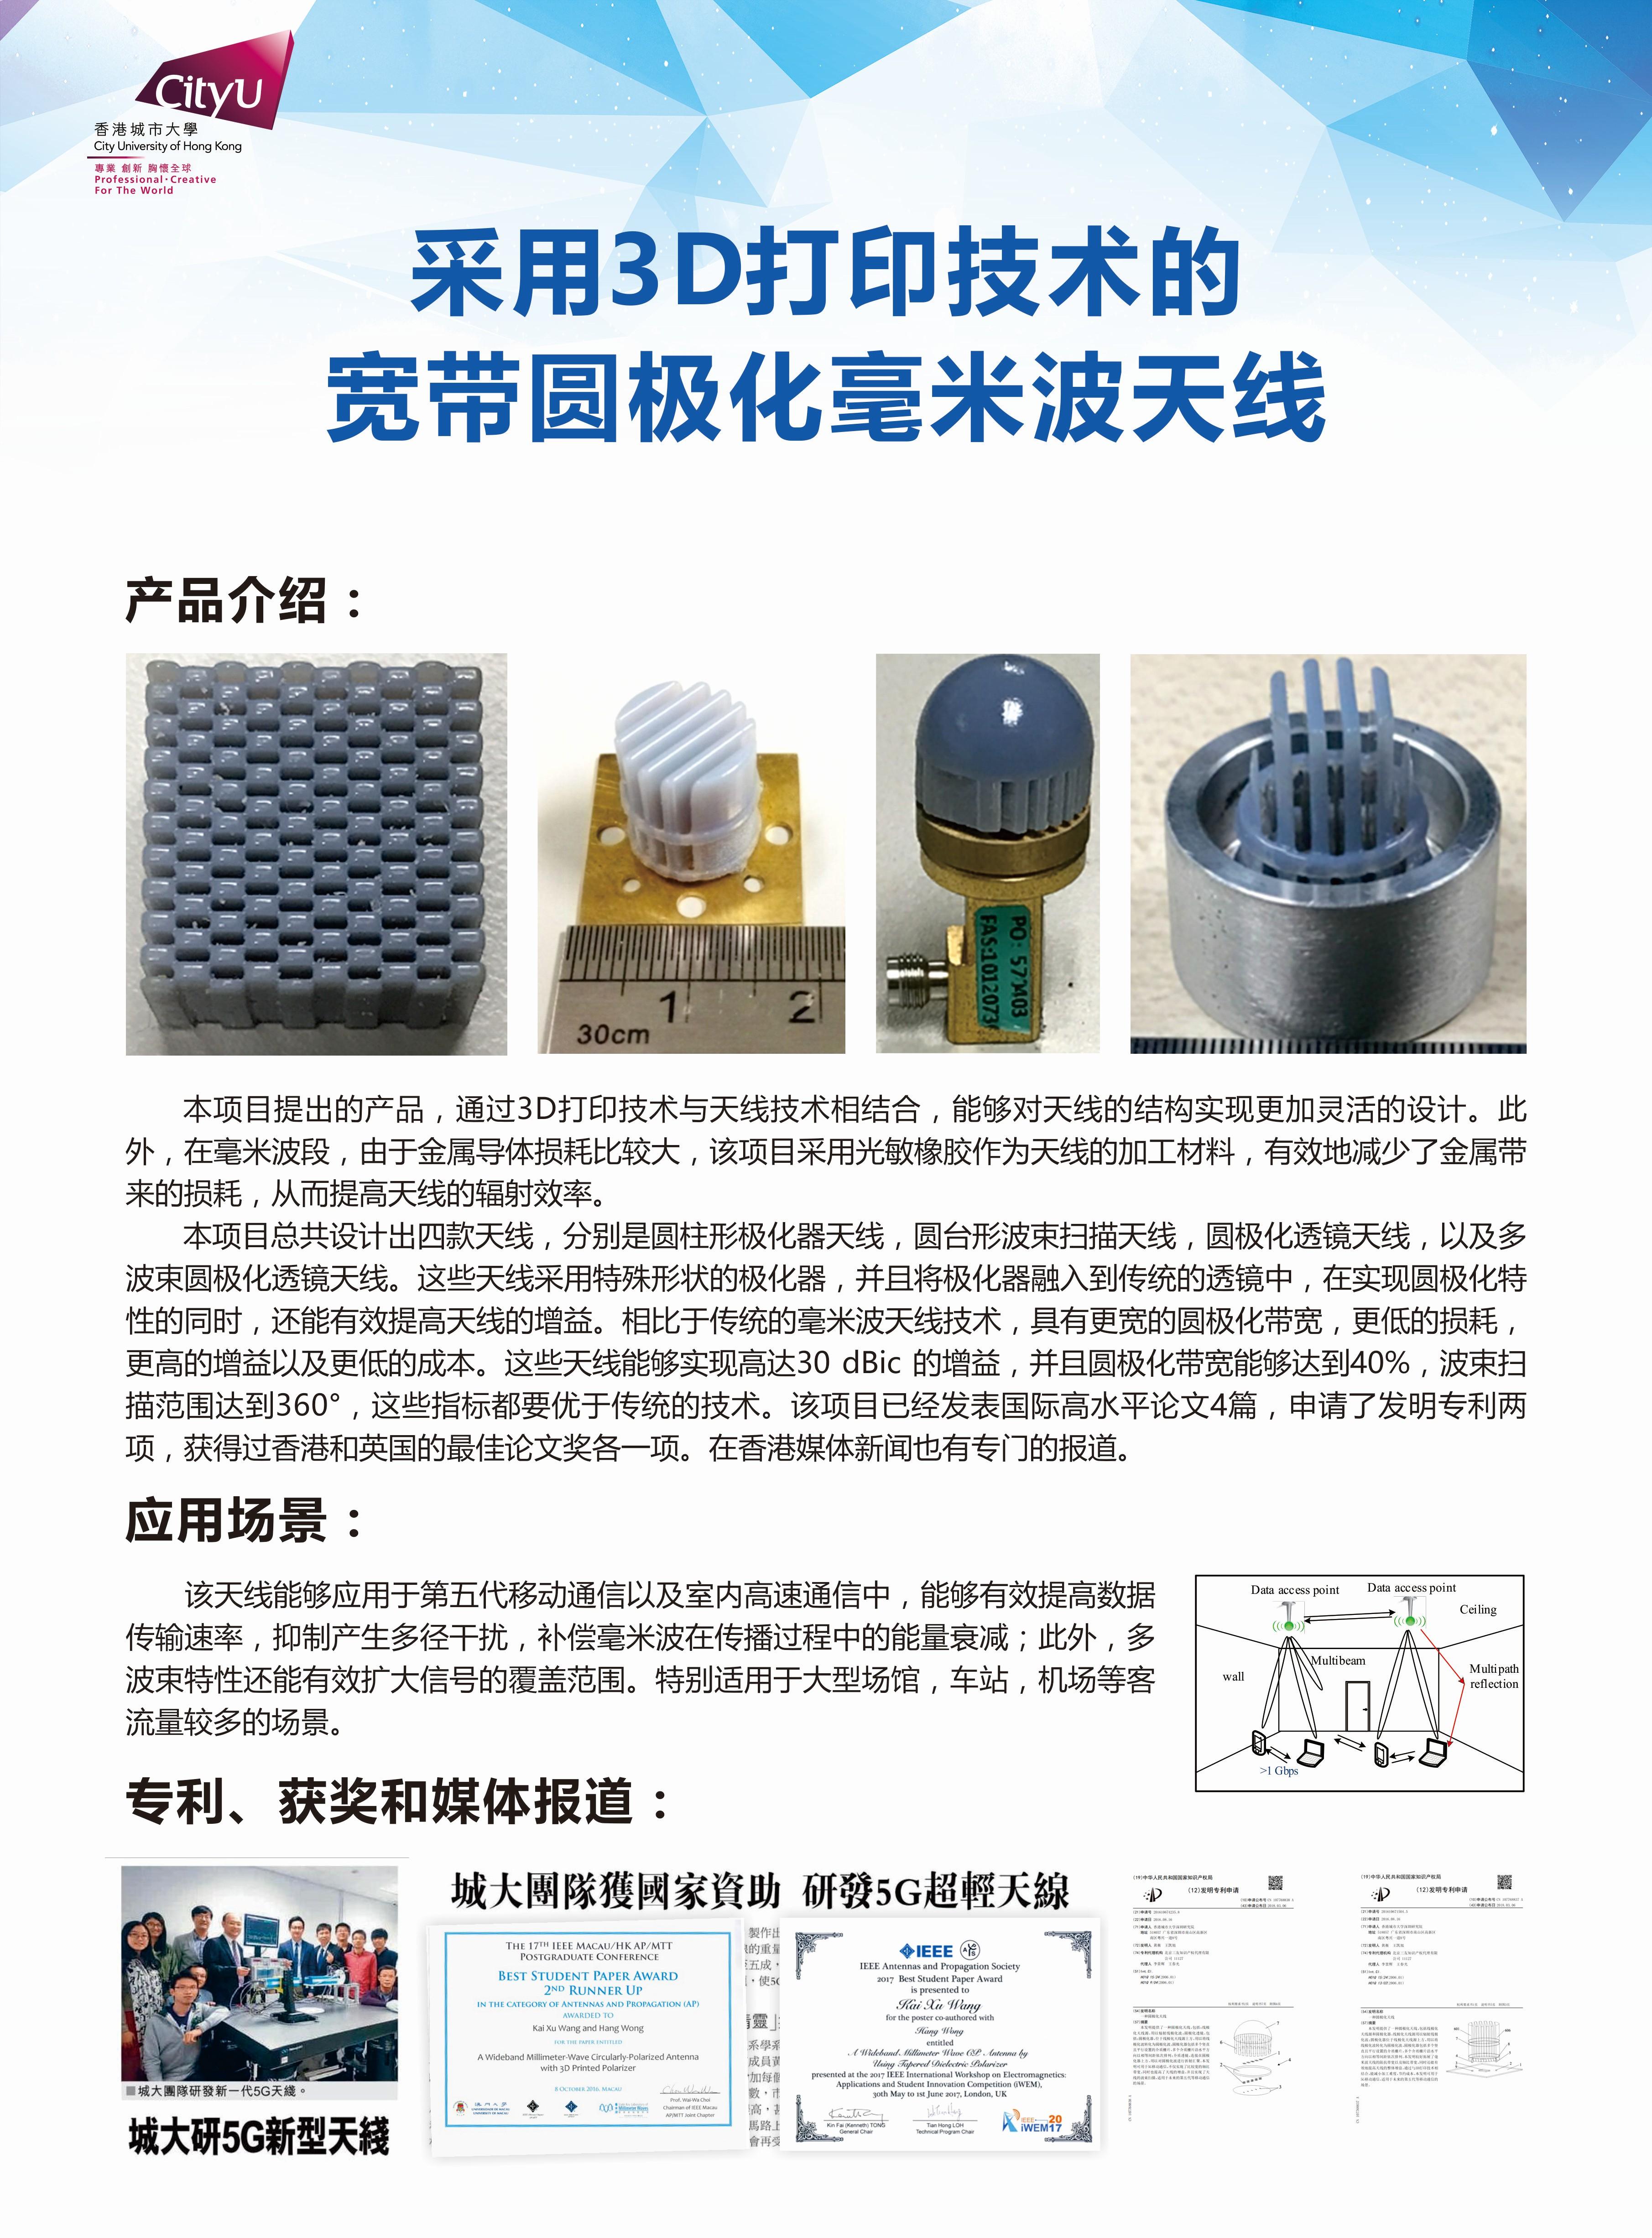 采用3D打印技术的宽带圆极化毫米波天线.jpg